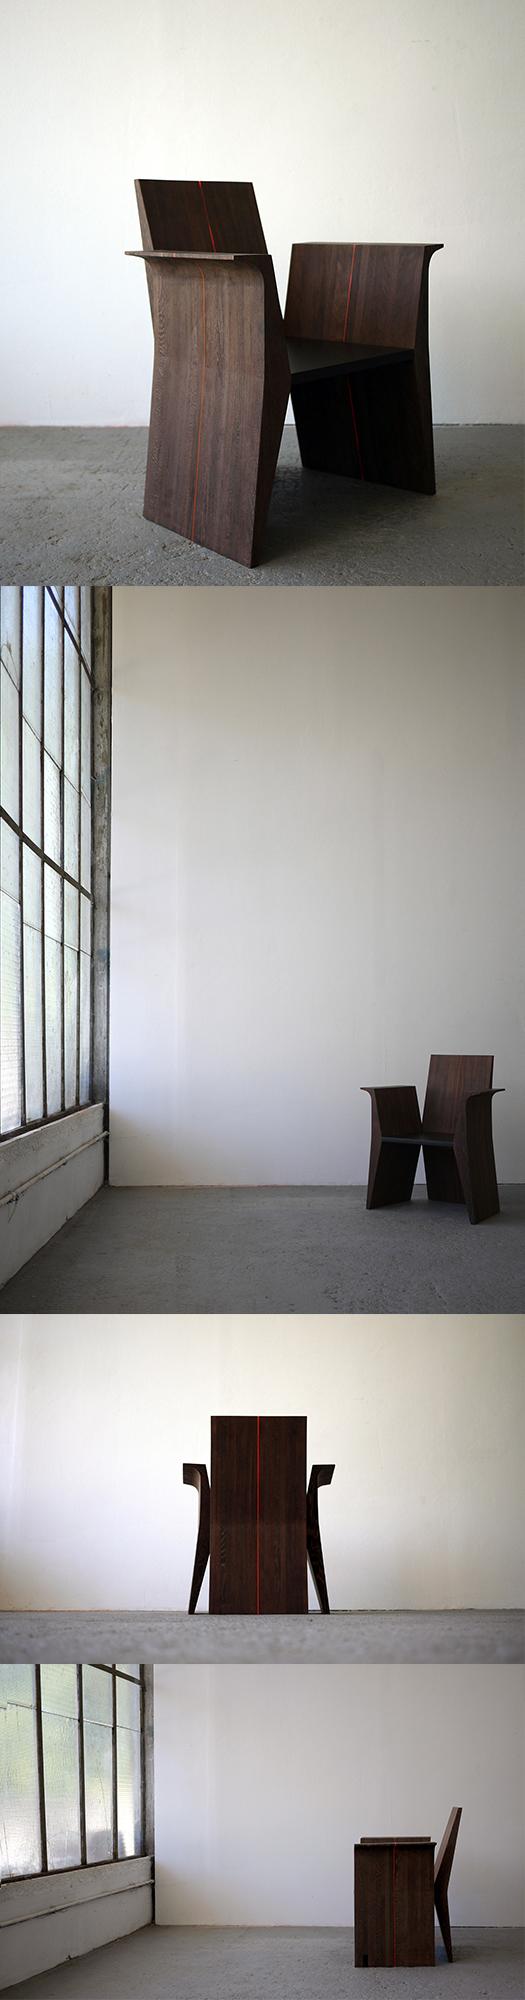 La chaise Wengé modèle no°1, 2017 - Offerte en édition limitée de 5. Photos:Altesachair